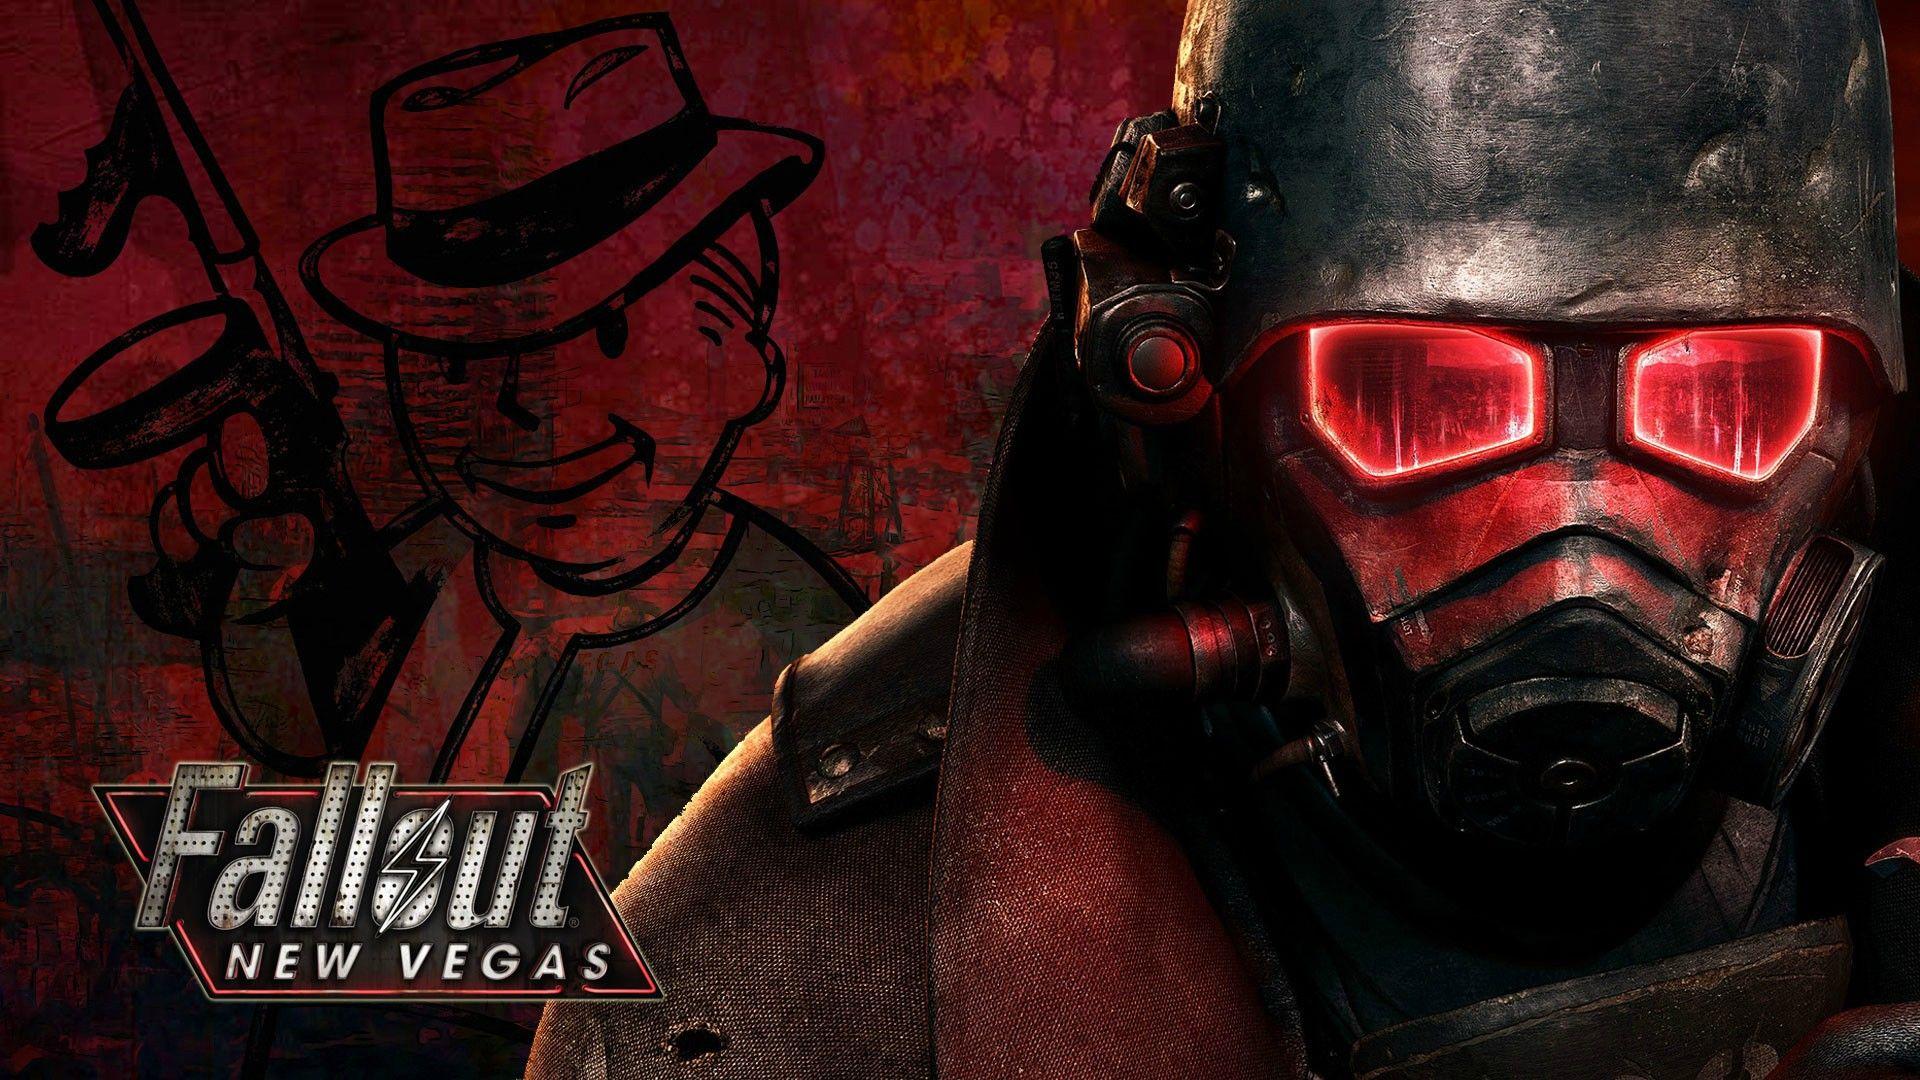 Fallout Wallpaper x ID